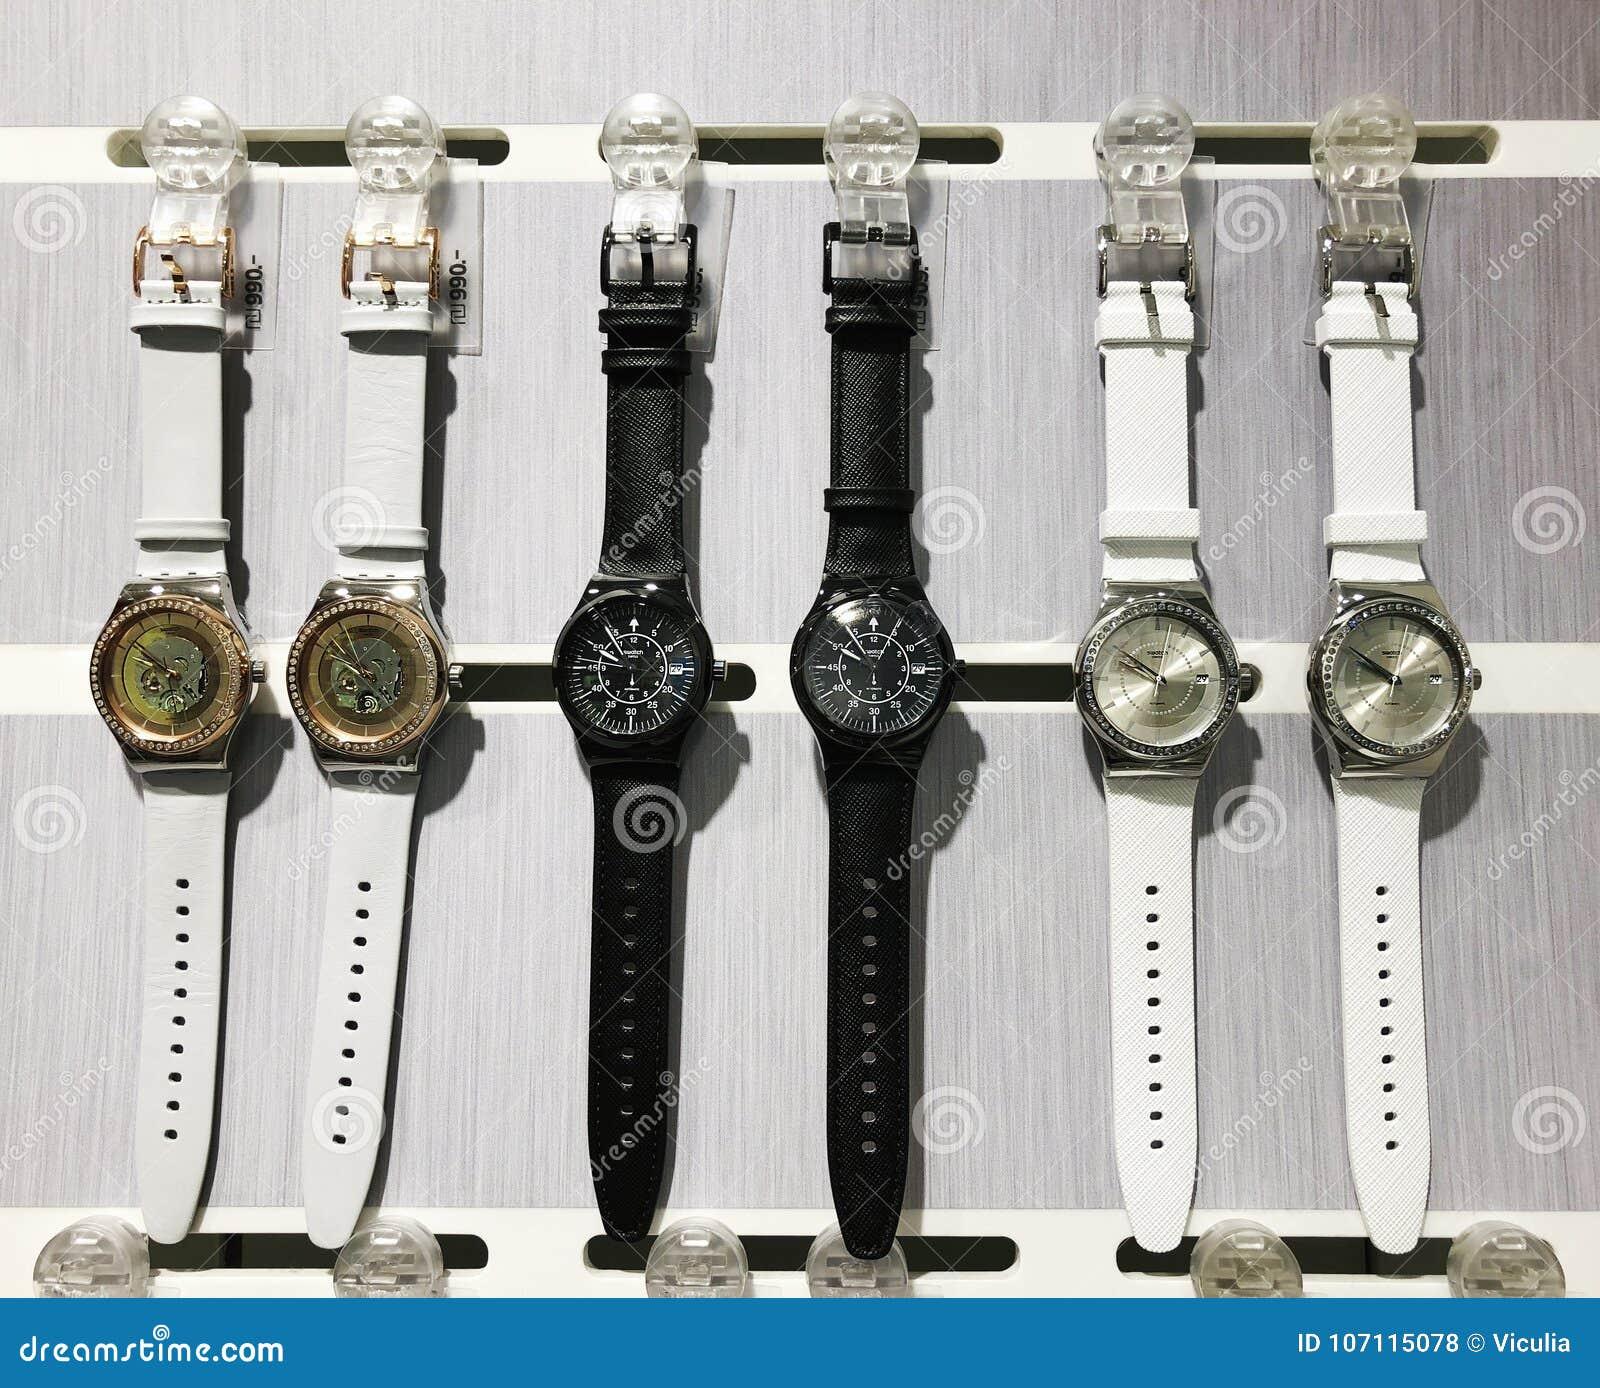 RISHON LE ZION, ISRAEL 29 DE DICIEMBRE DE 2017: Relojes del reloj expuestos en una tienda